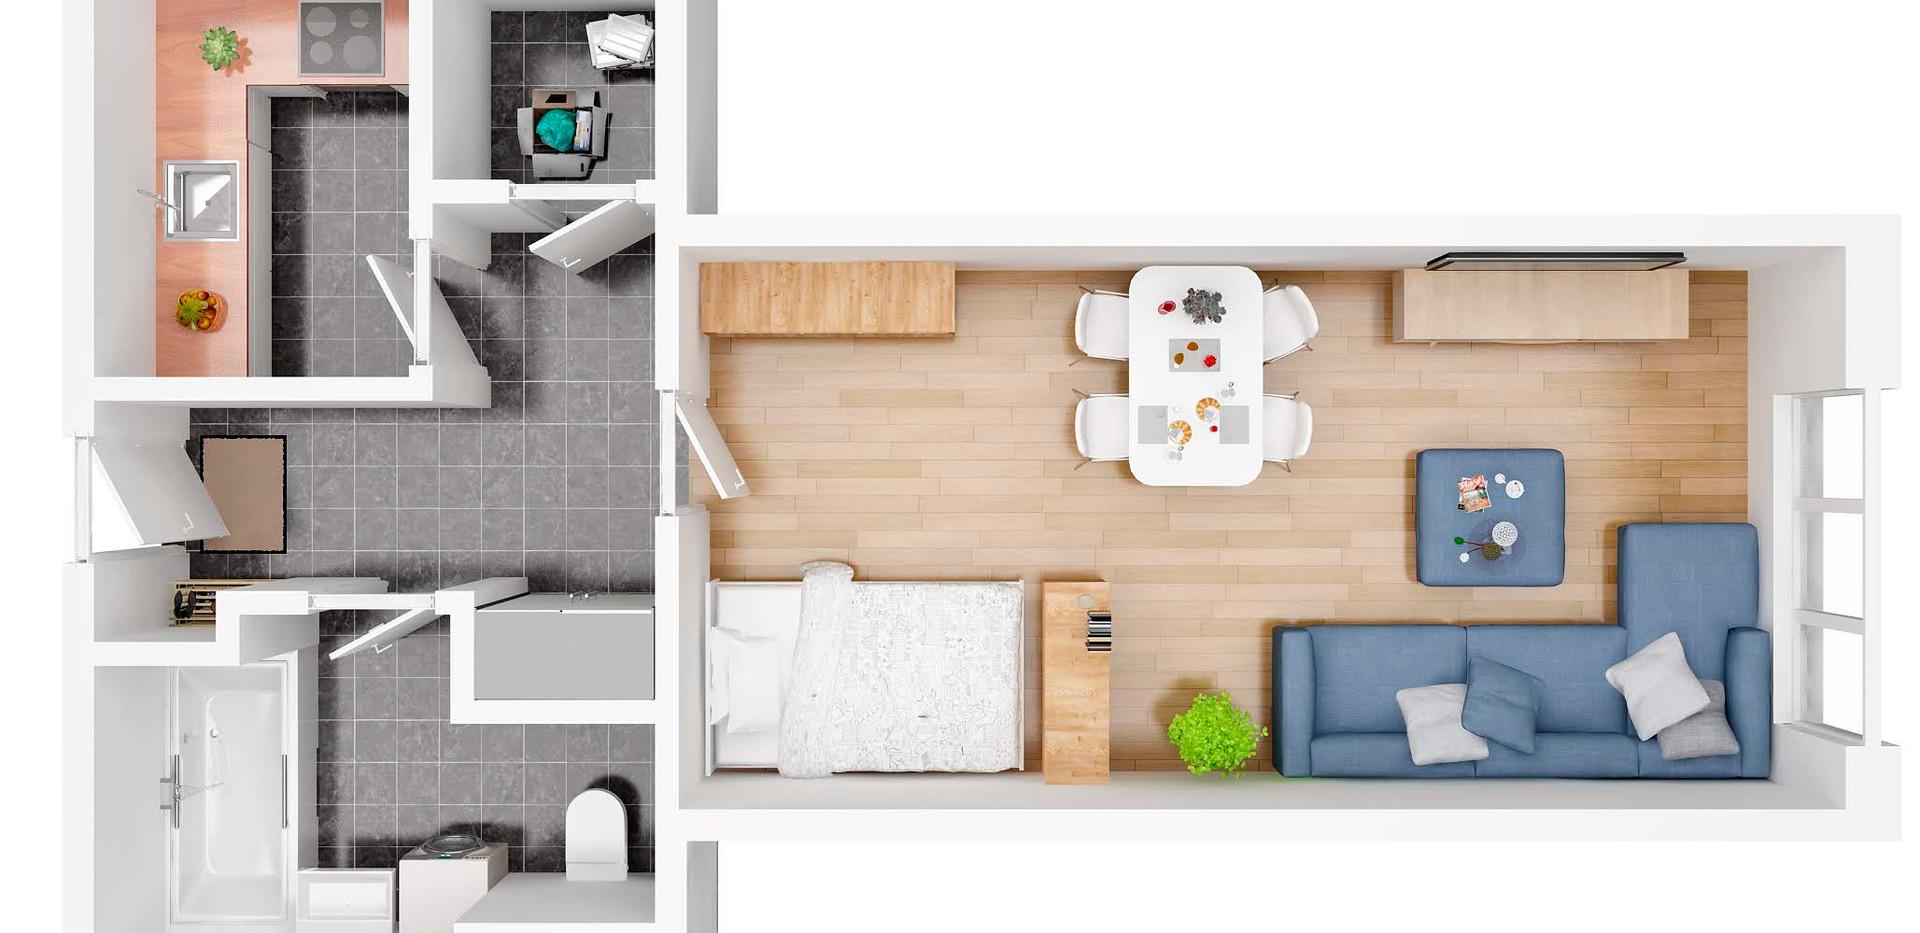 steinadlerat_105_topview_3D  floor plan